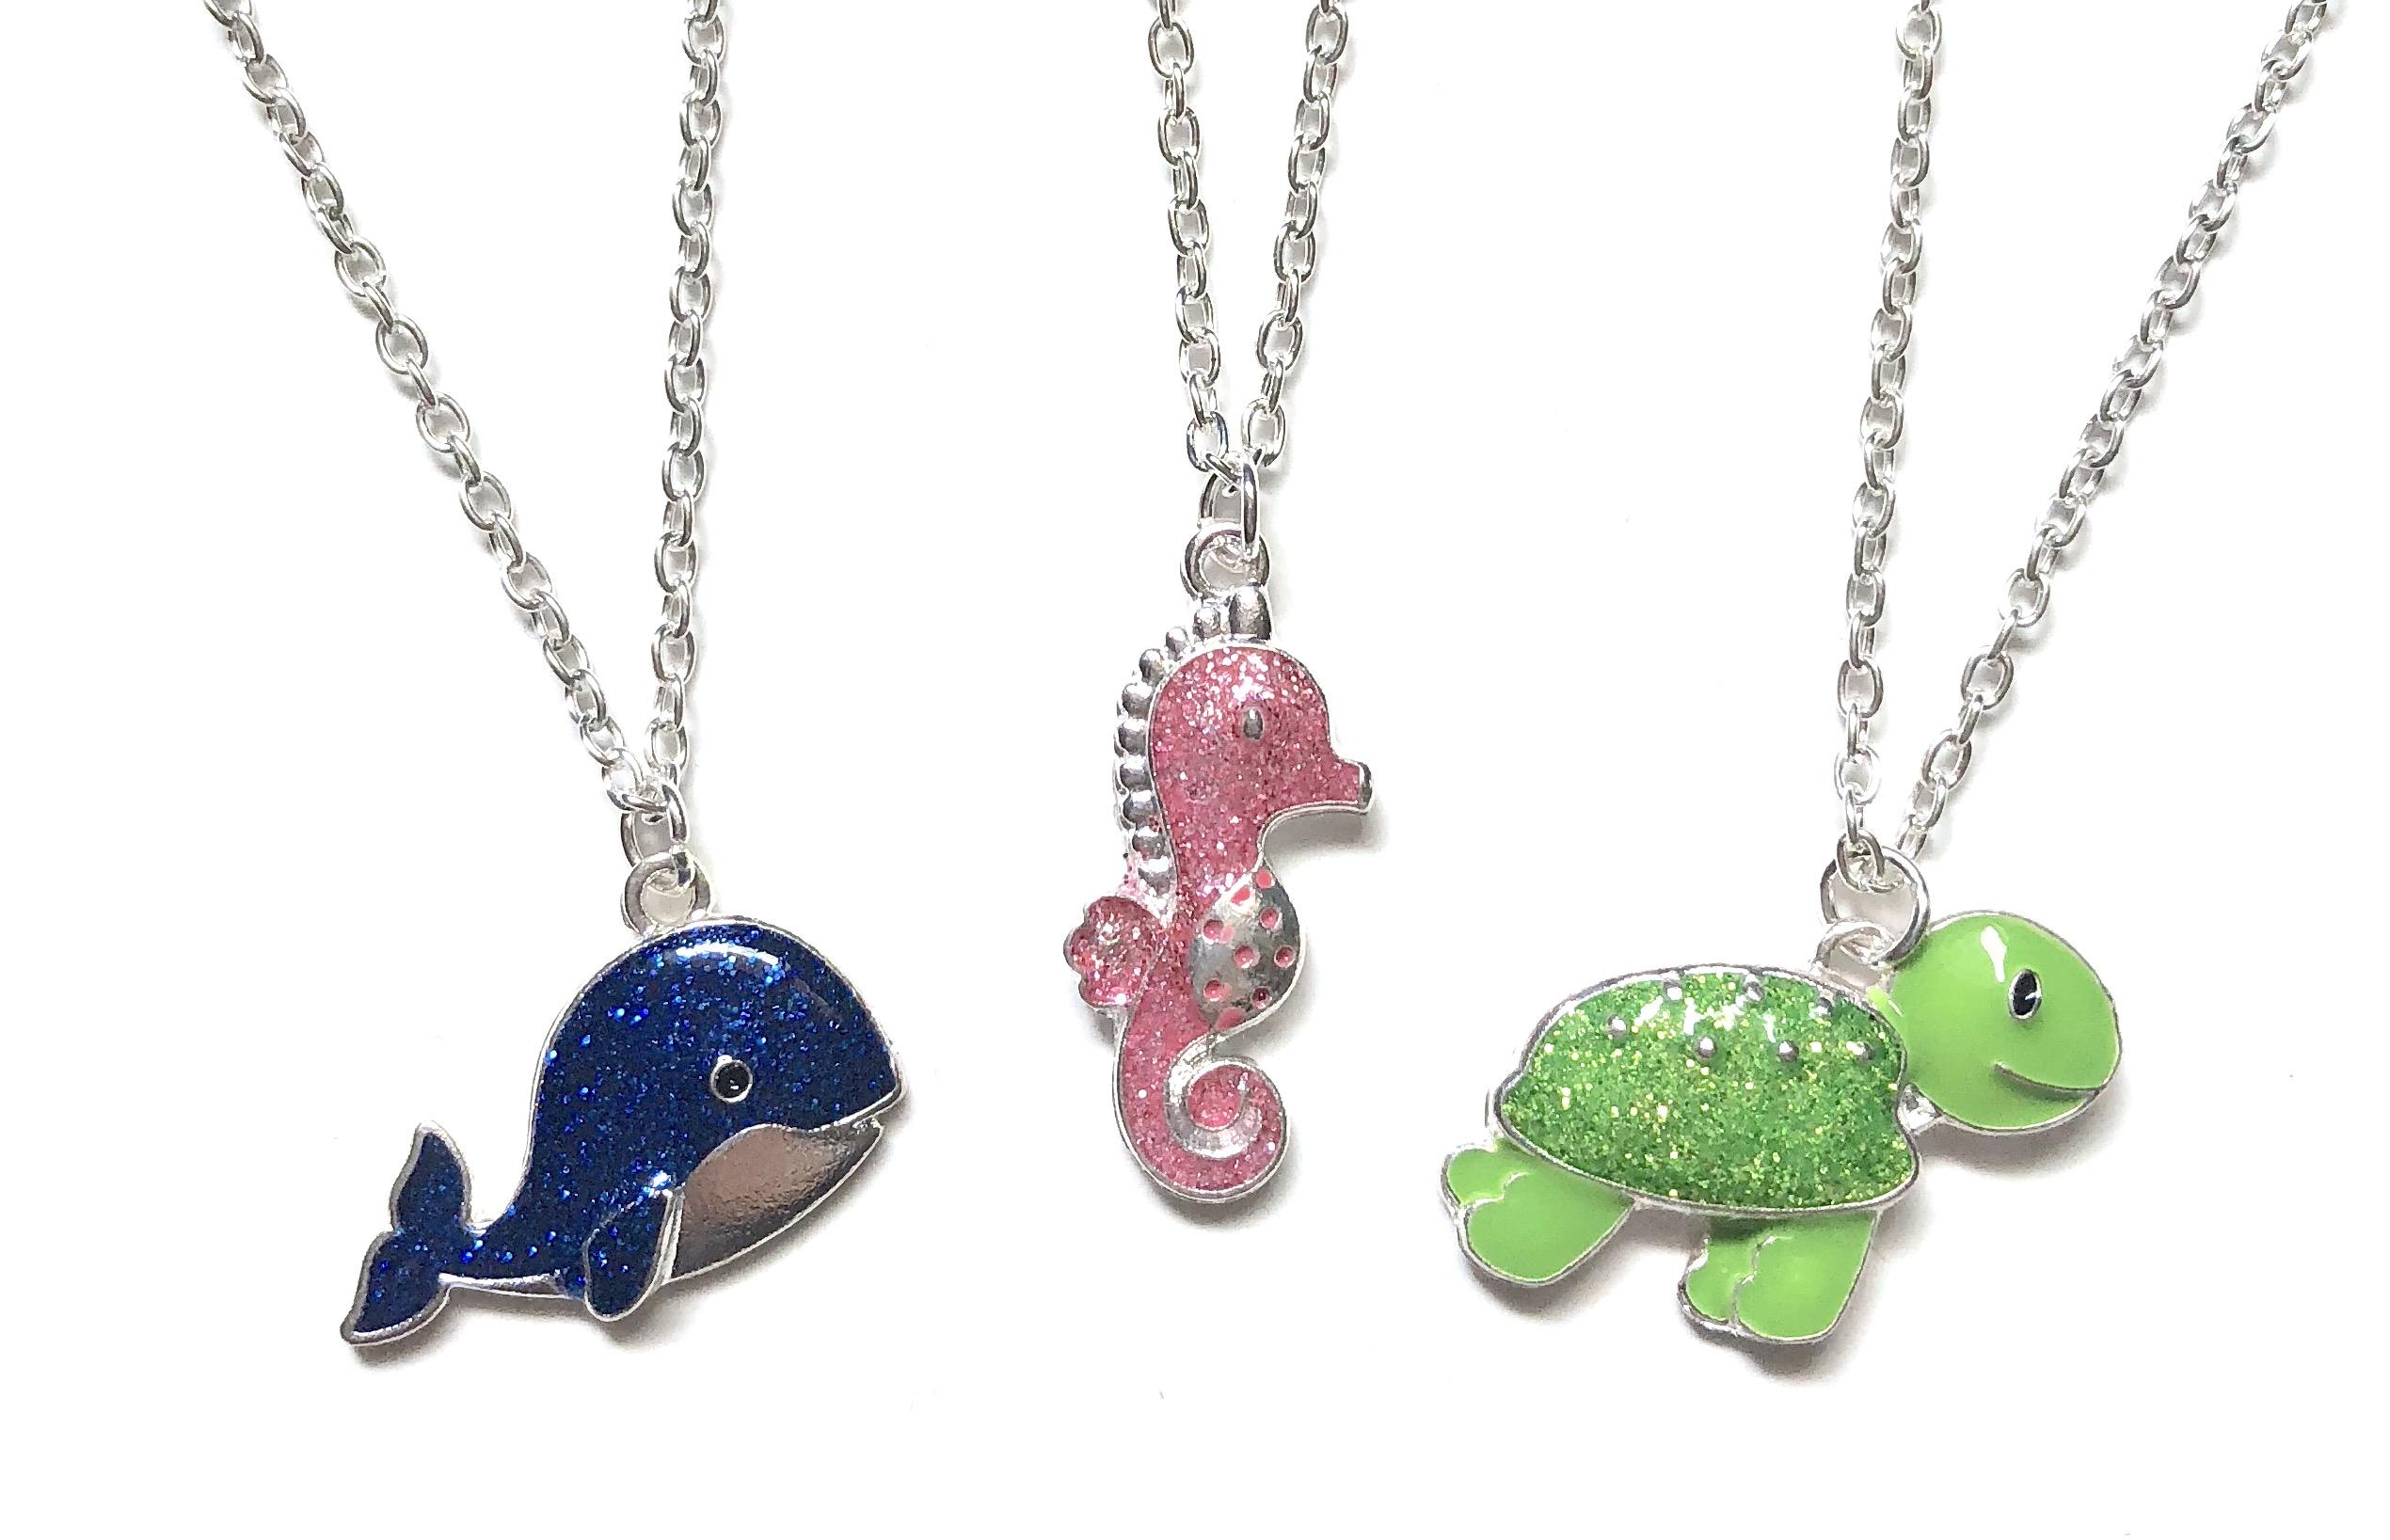 Sea Life Necklaces